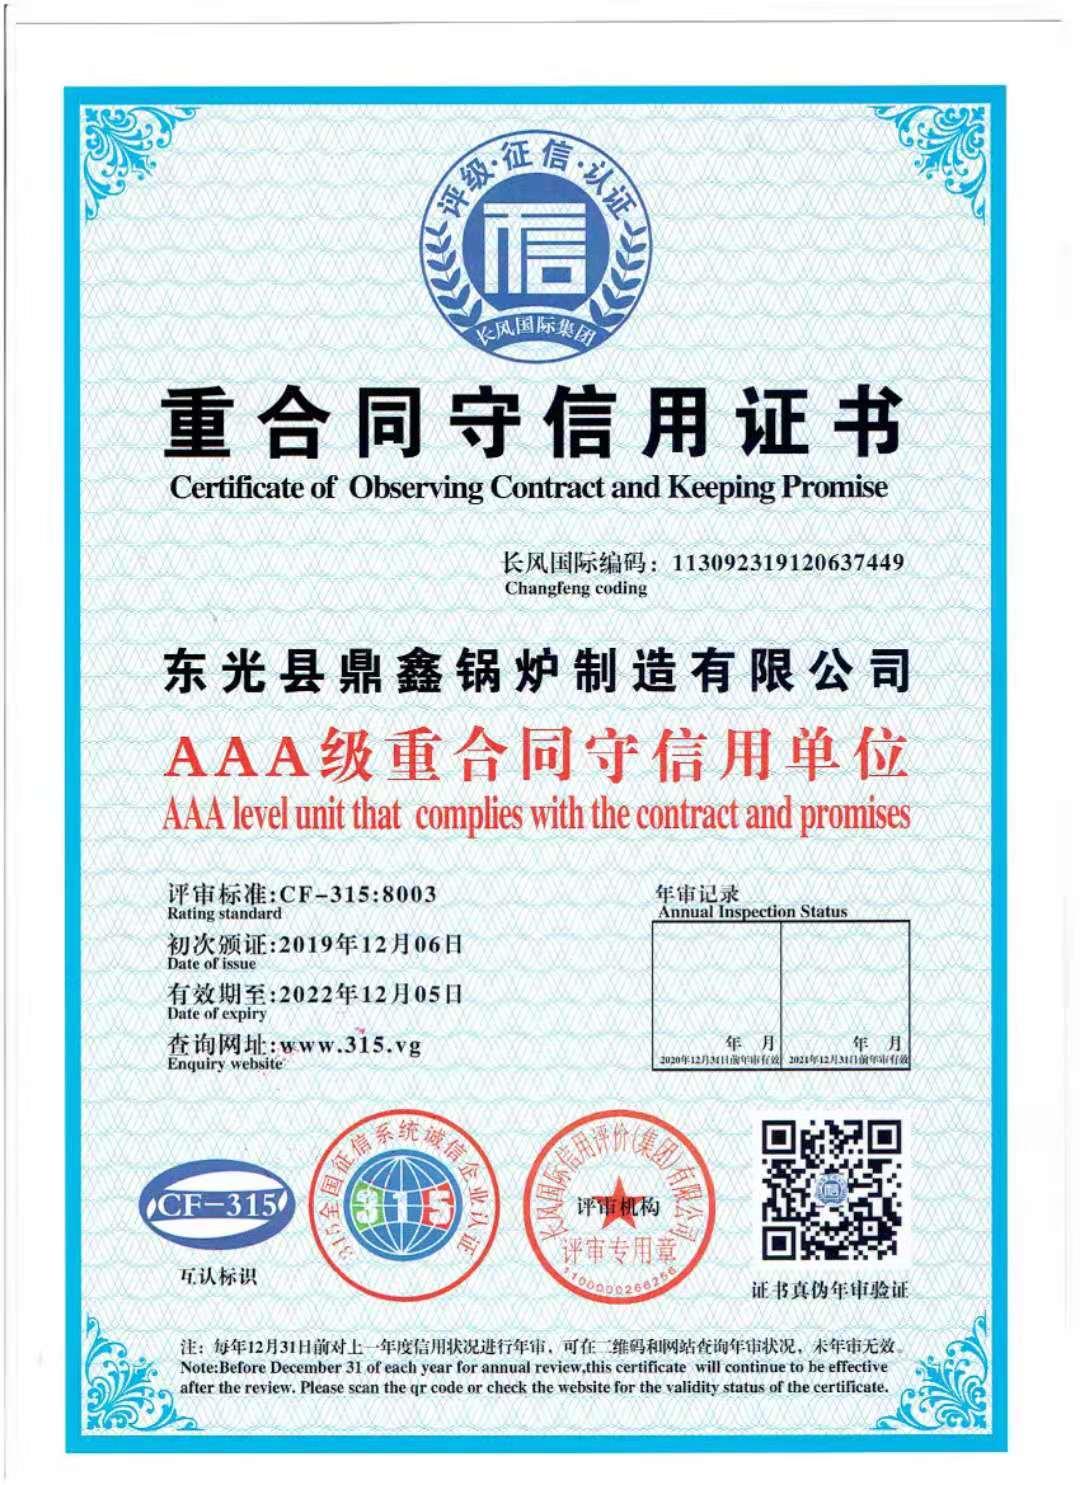 重守合同信用证书